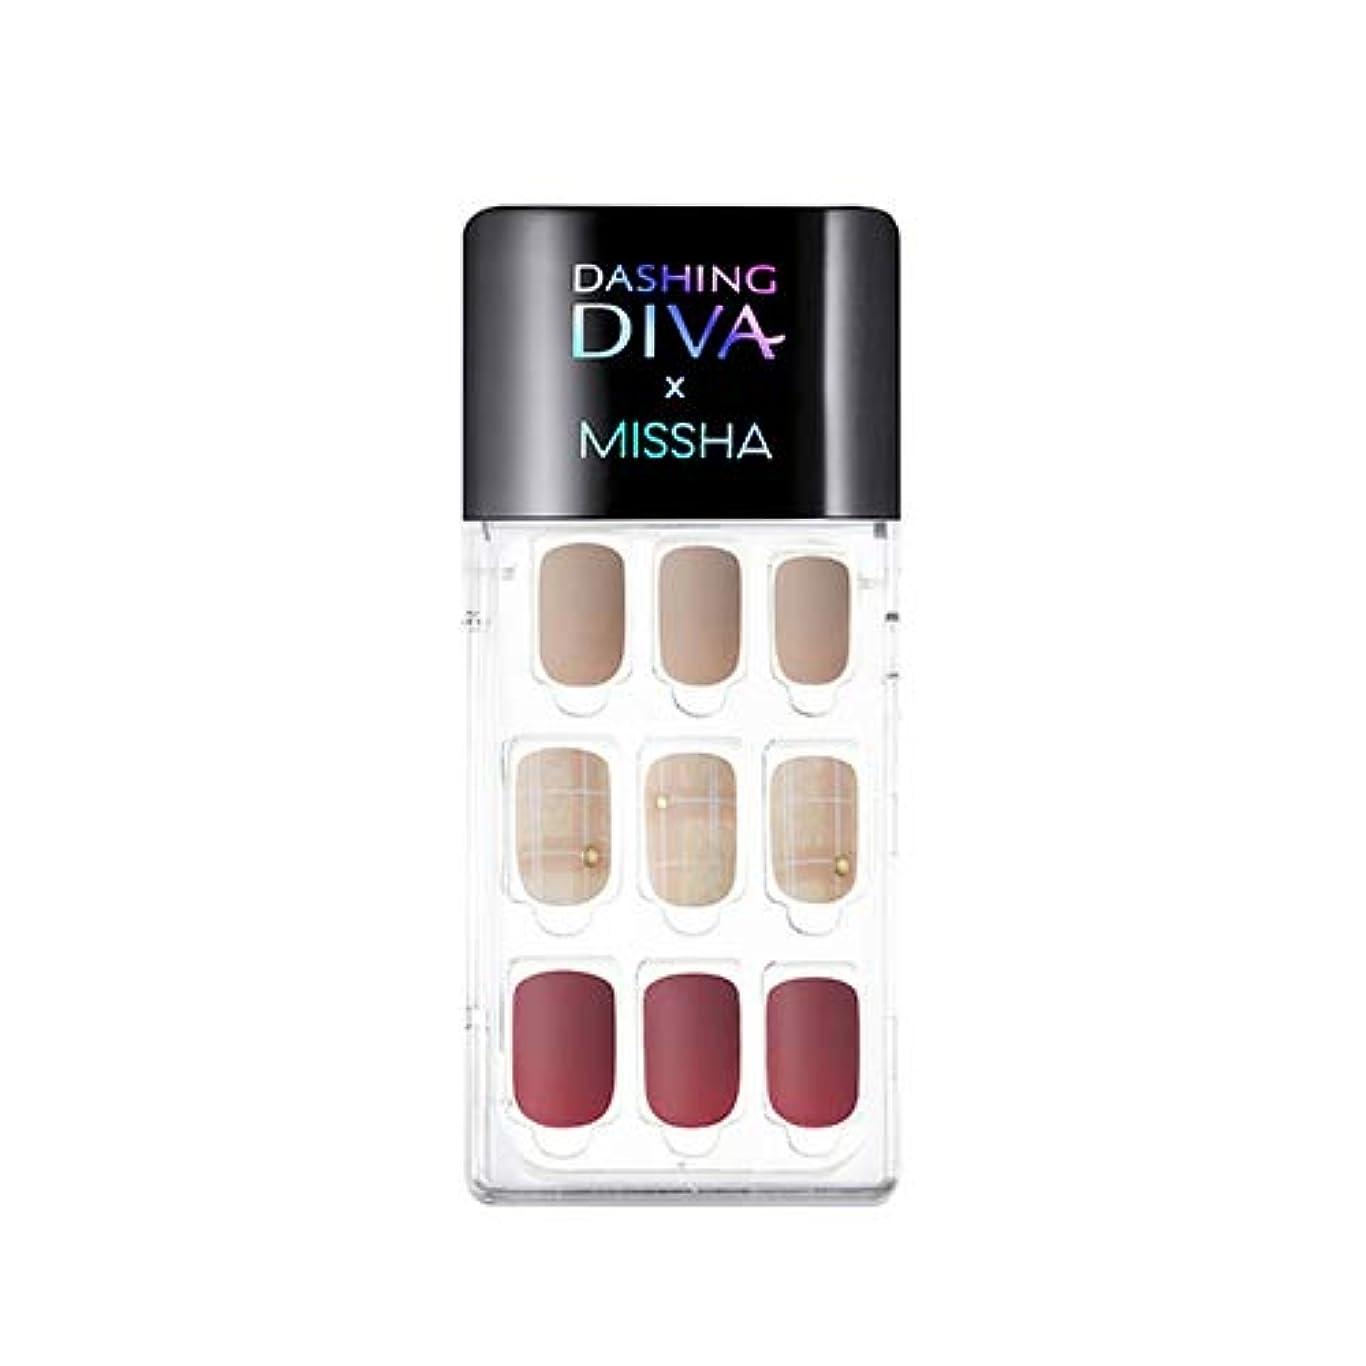 決めます知覚できるトロピカル[ ミシャ X ダッシングディバ ] マジックプレス スーパースリムフィット MISSHA Dashing Diva Magic Press Super Slim Fit #MDR_498 Cashmere Mauve...